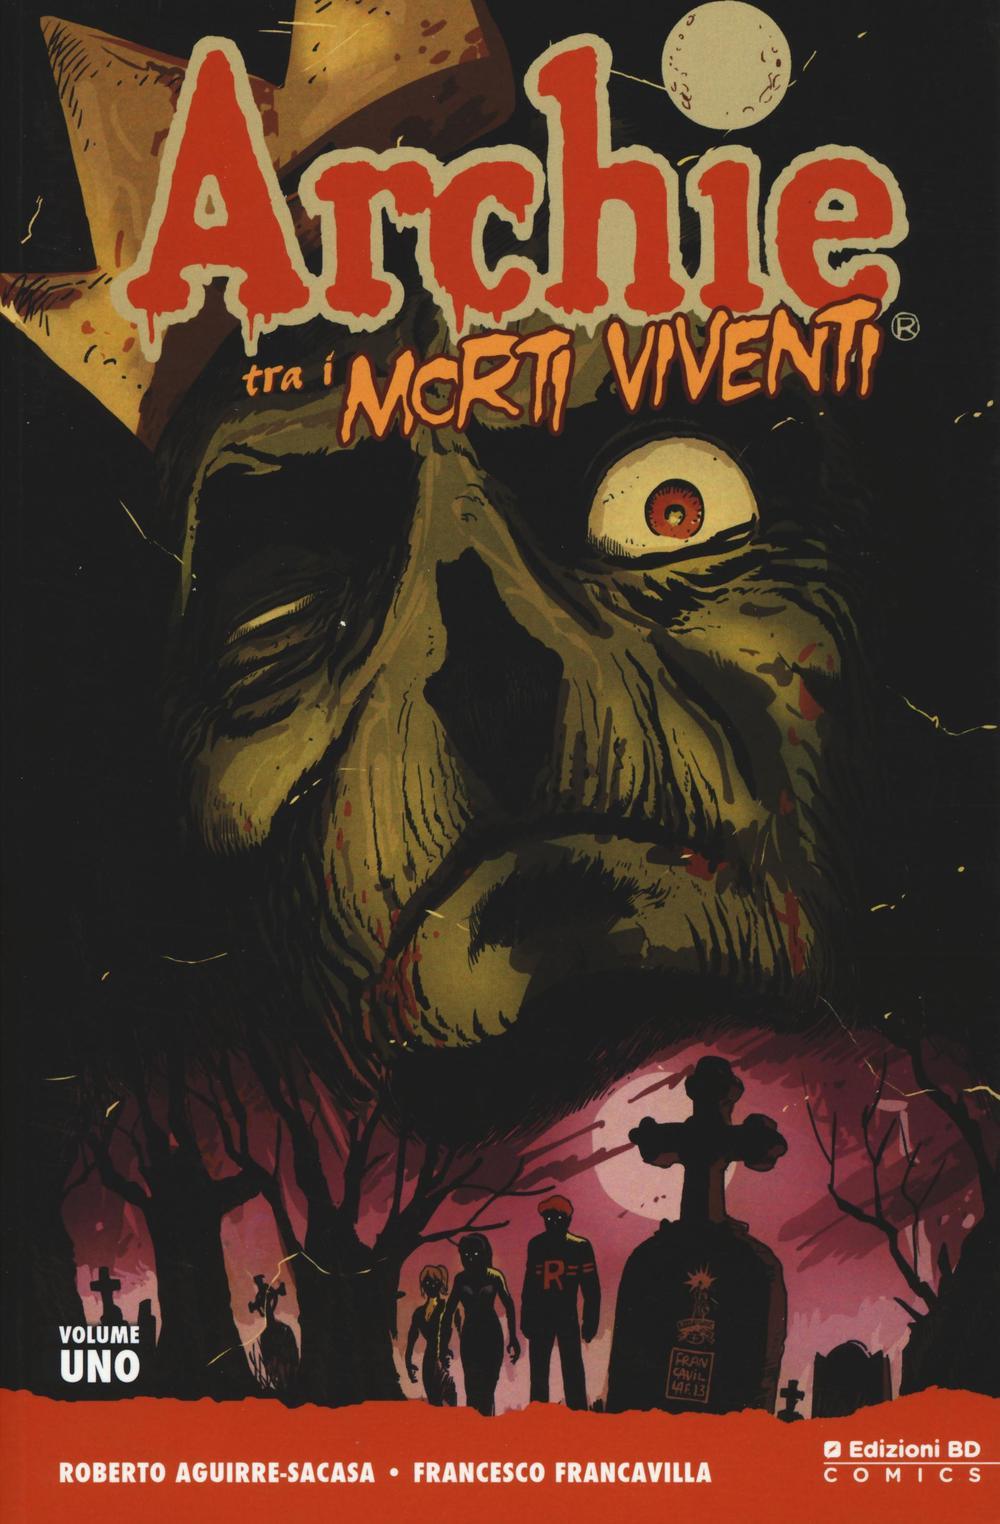 Image of Archie tra i morti viventi. Vol. 1